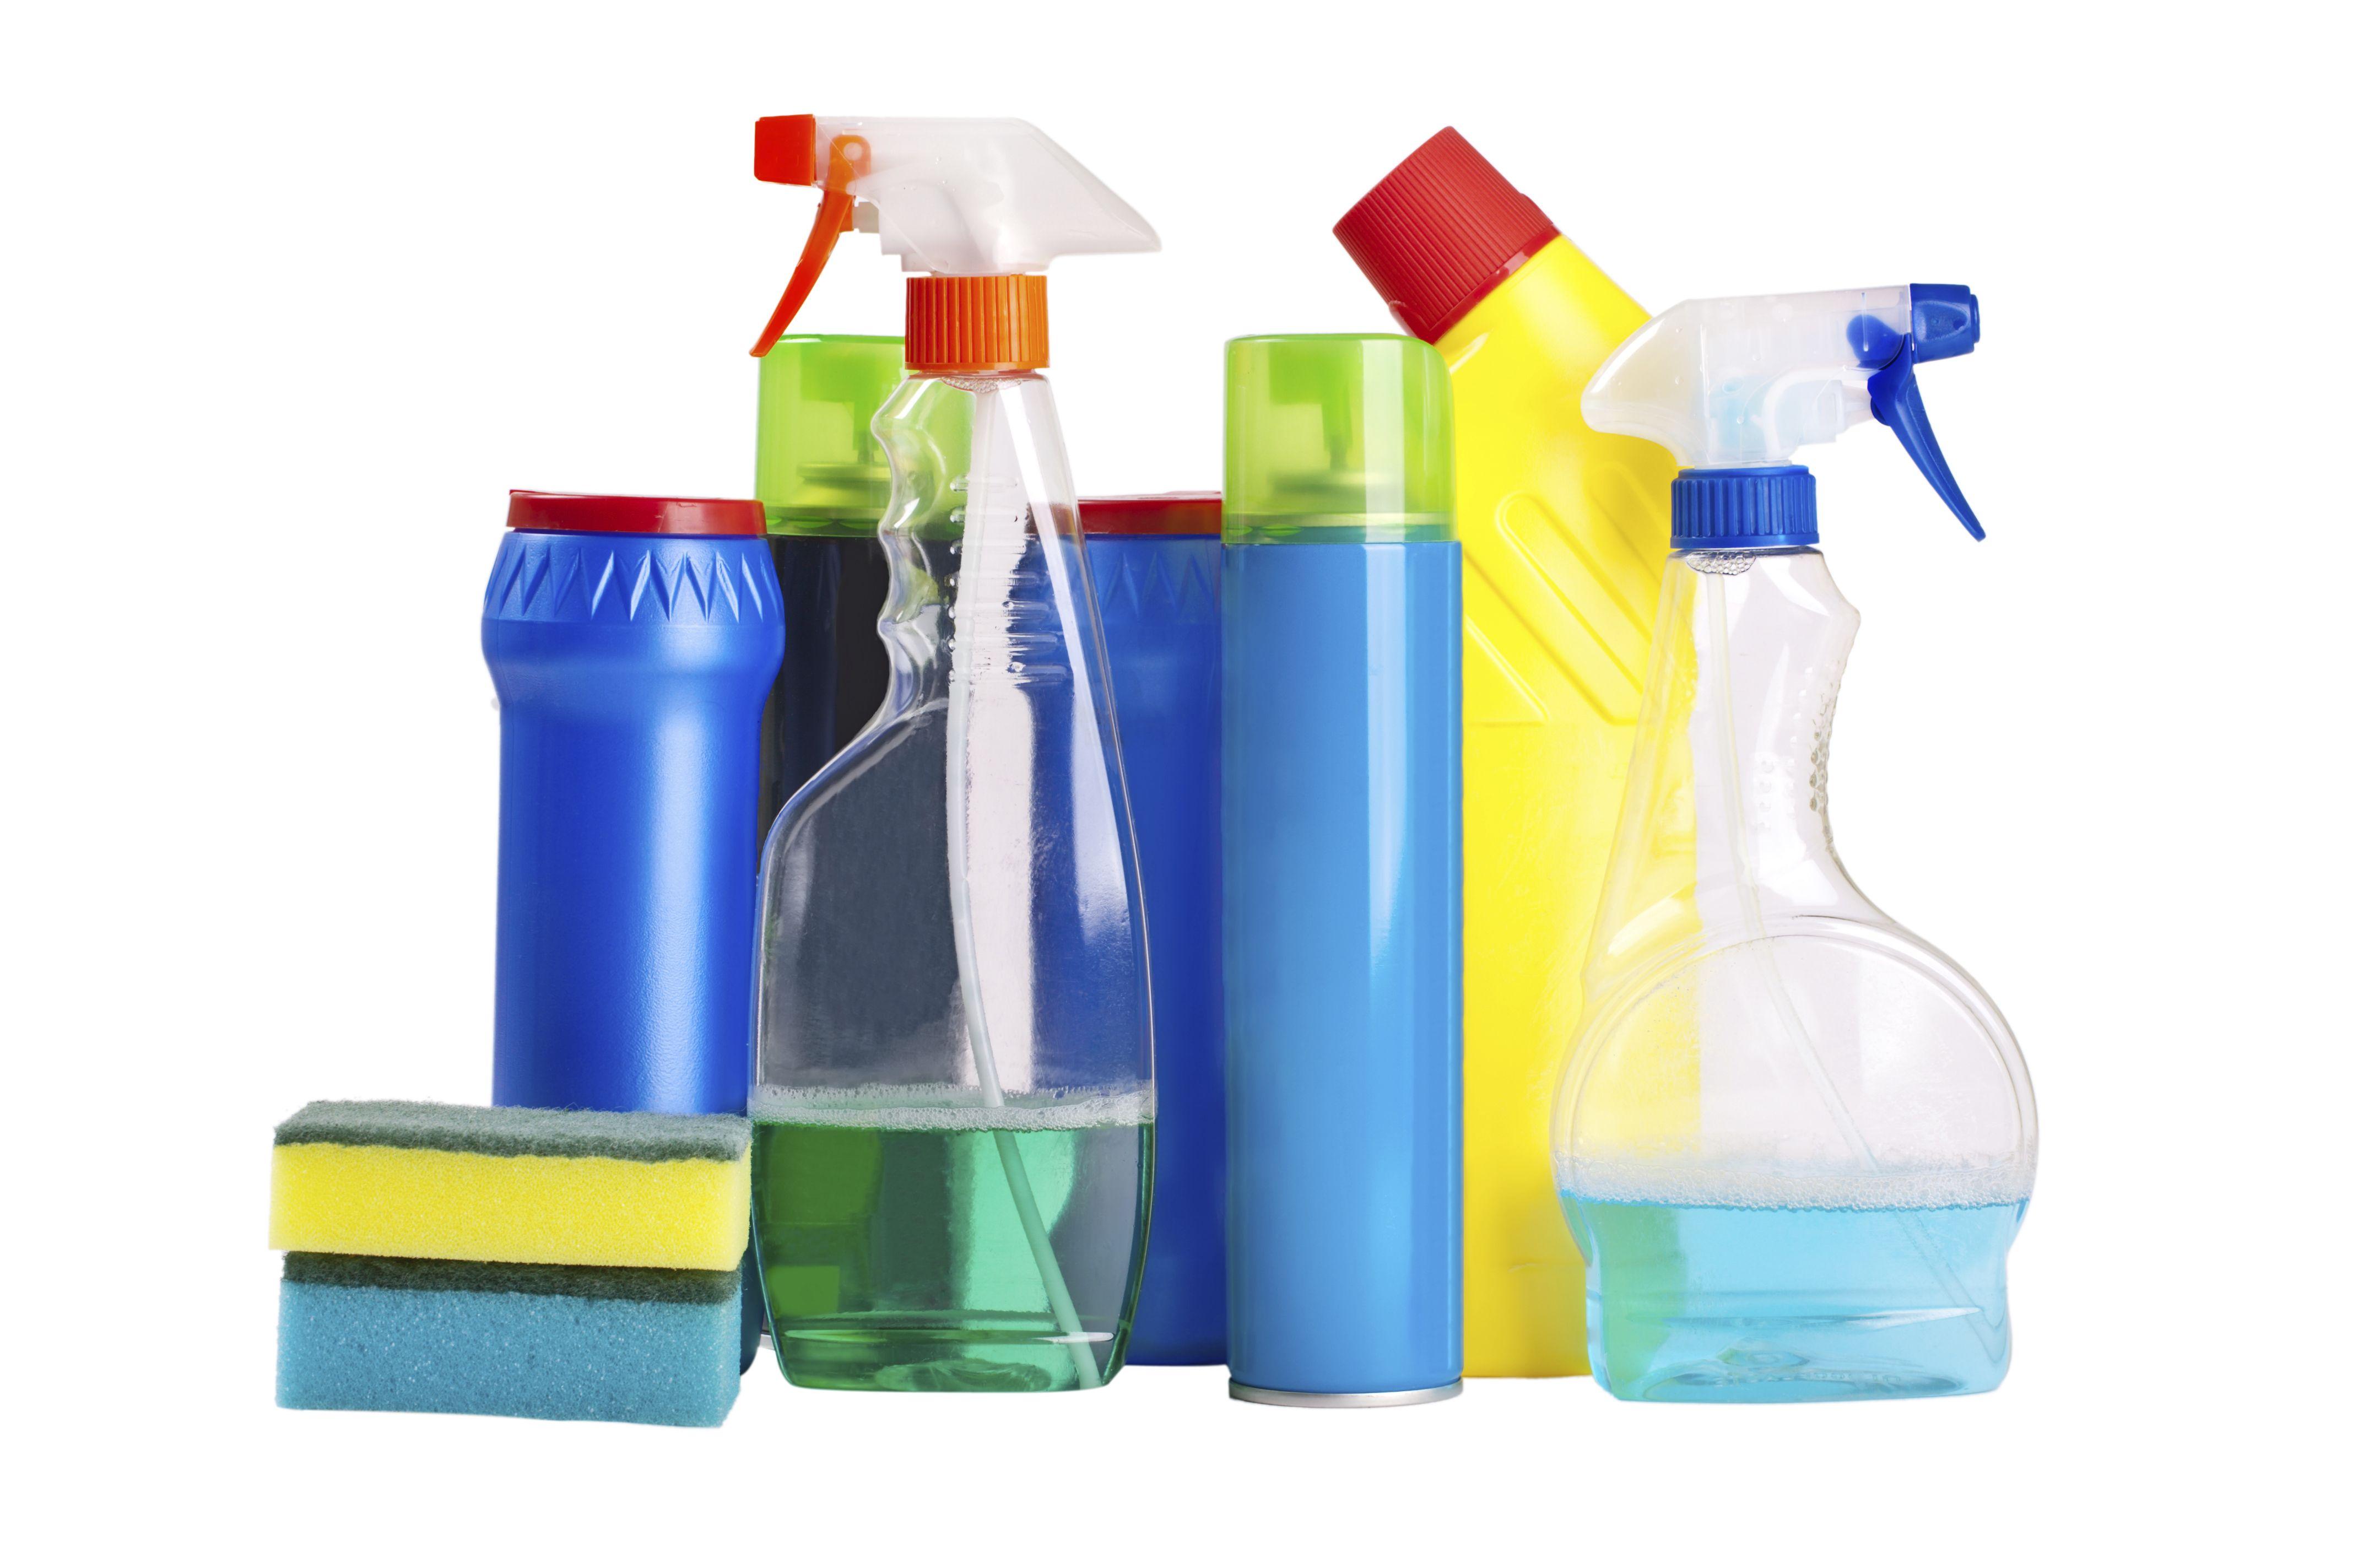 Productos ecológicos y respetuosos con el medio ambiente